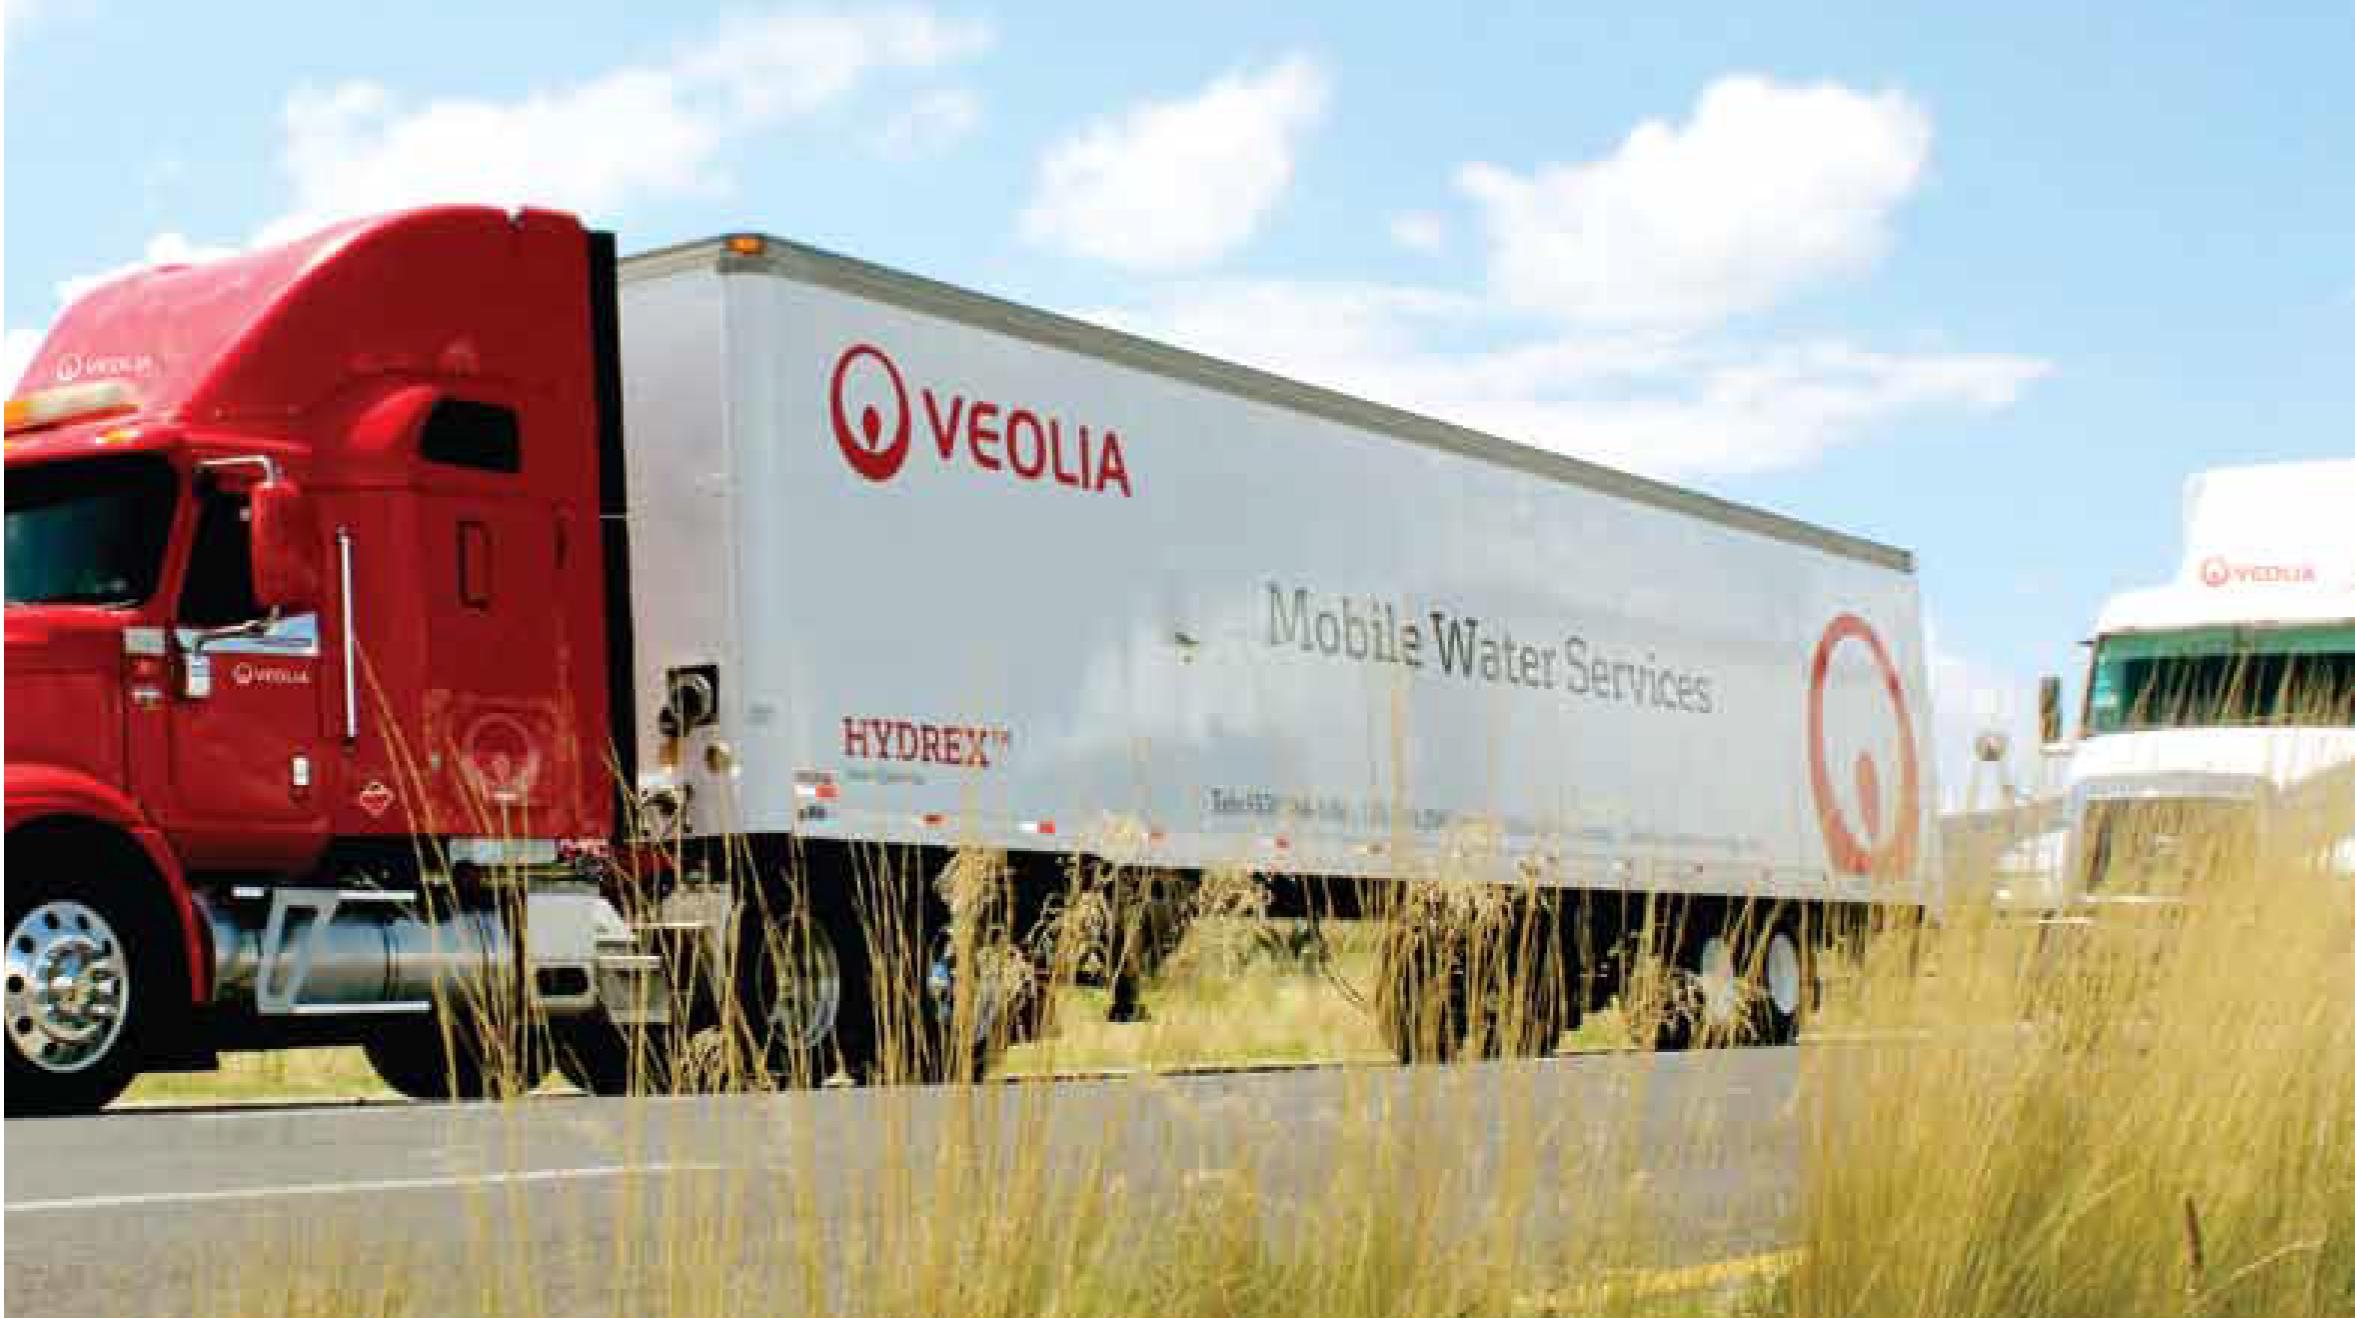 Serviços móveis de água: mantenha sua estação funcionando constantemente